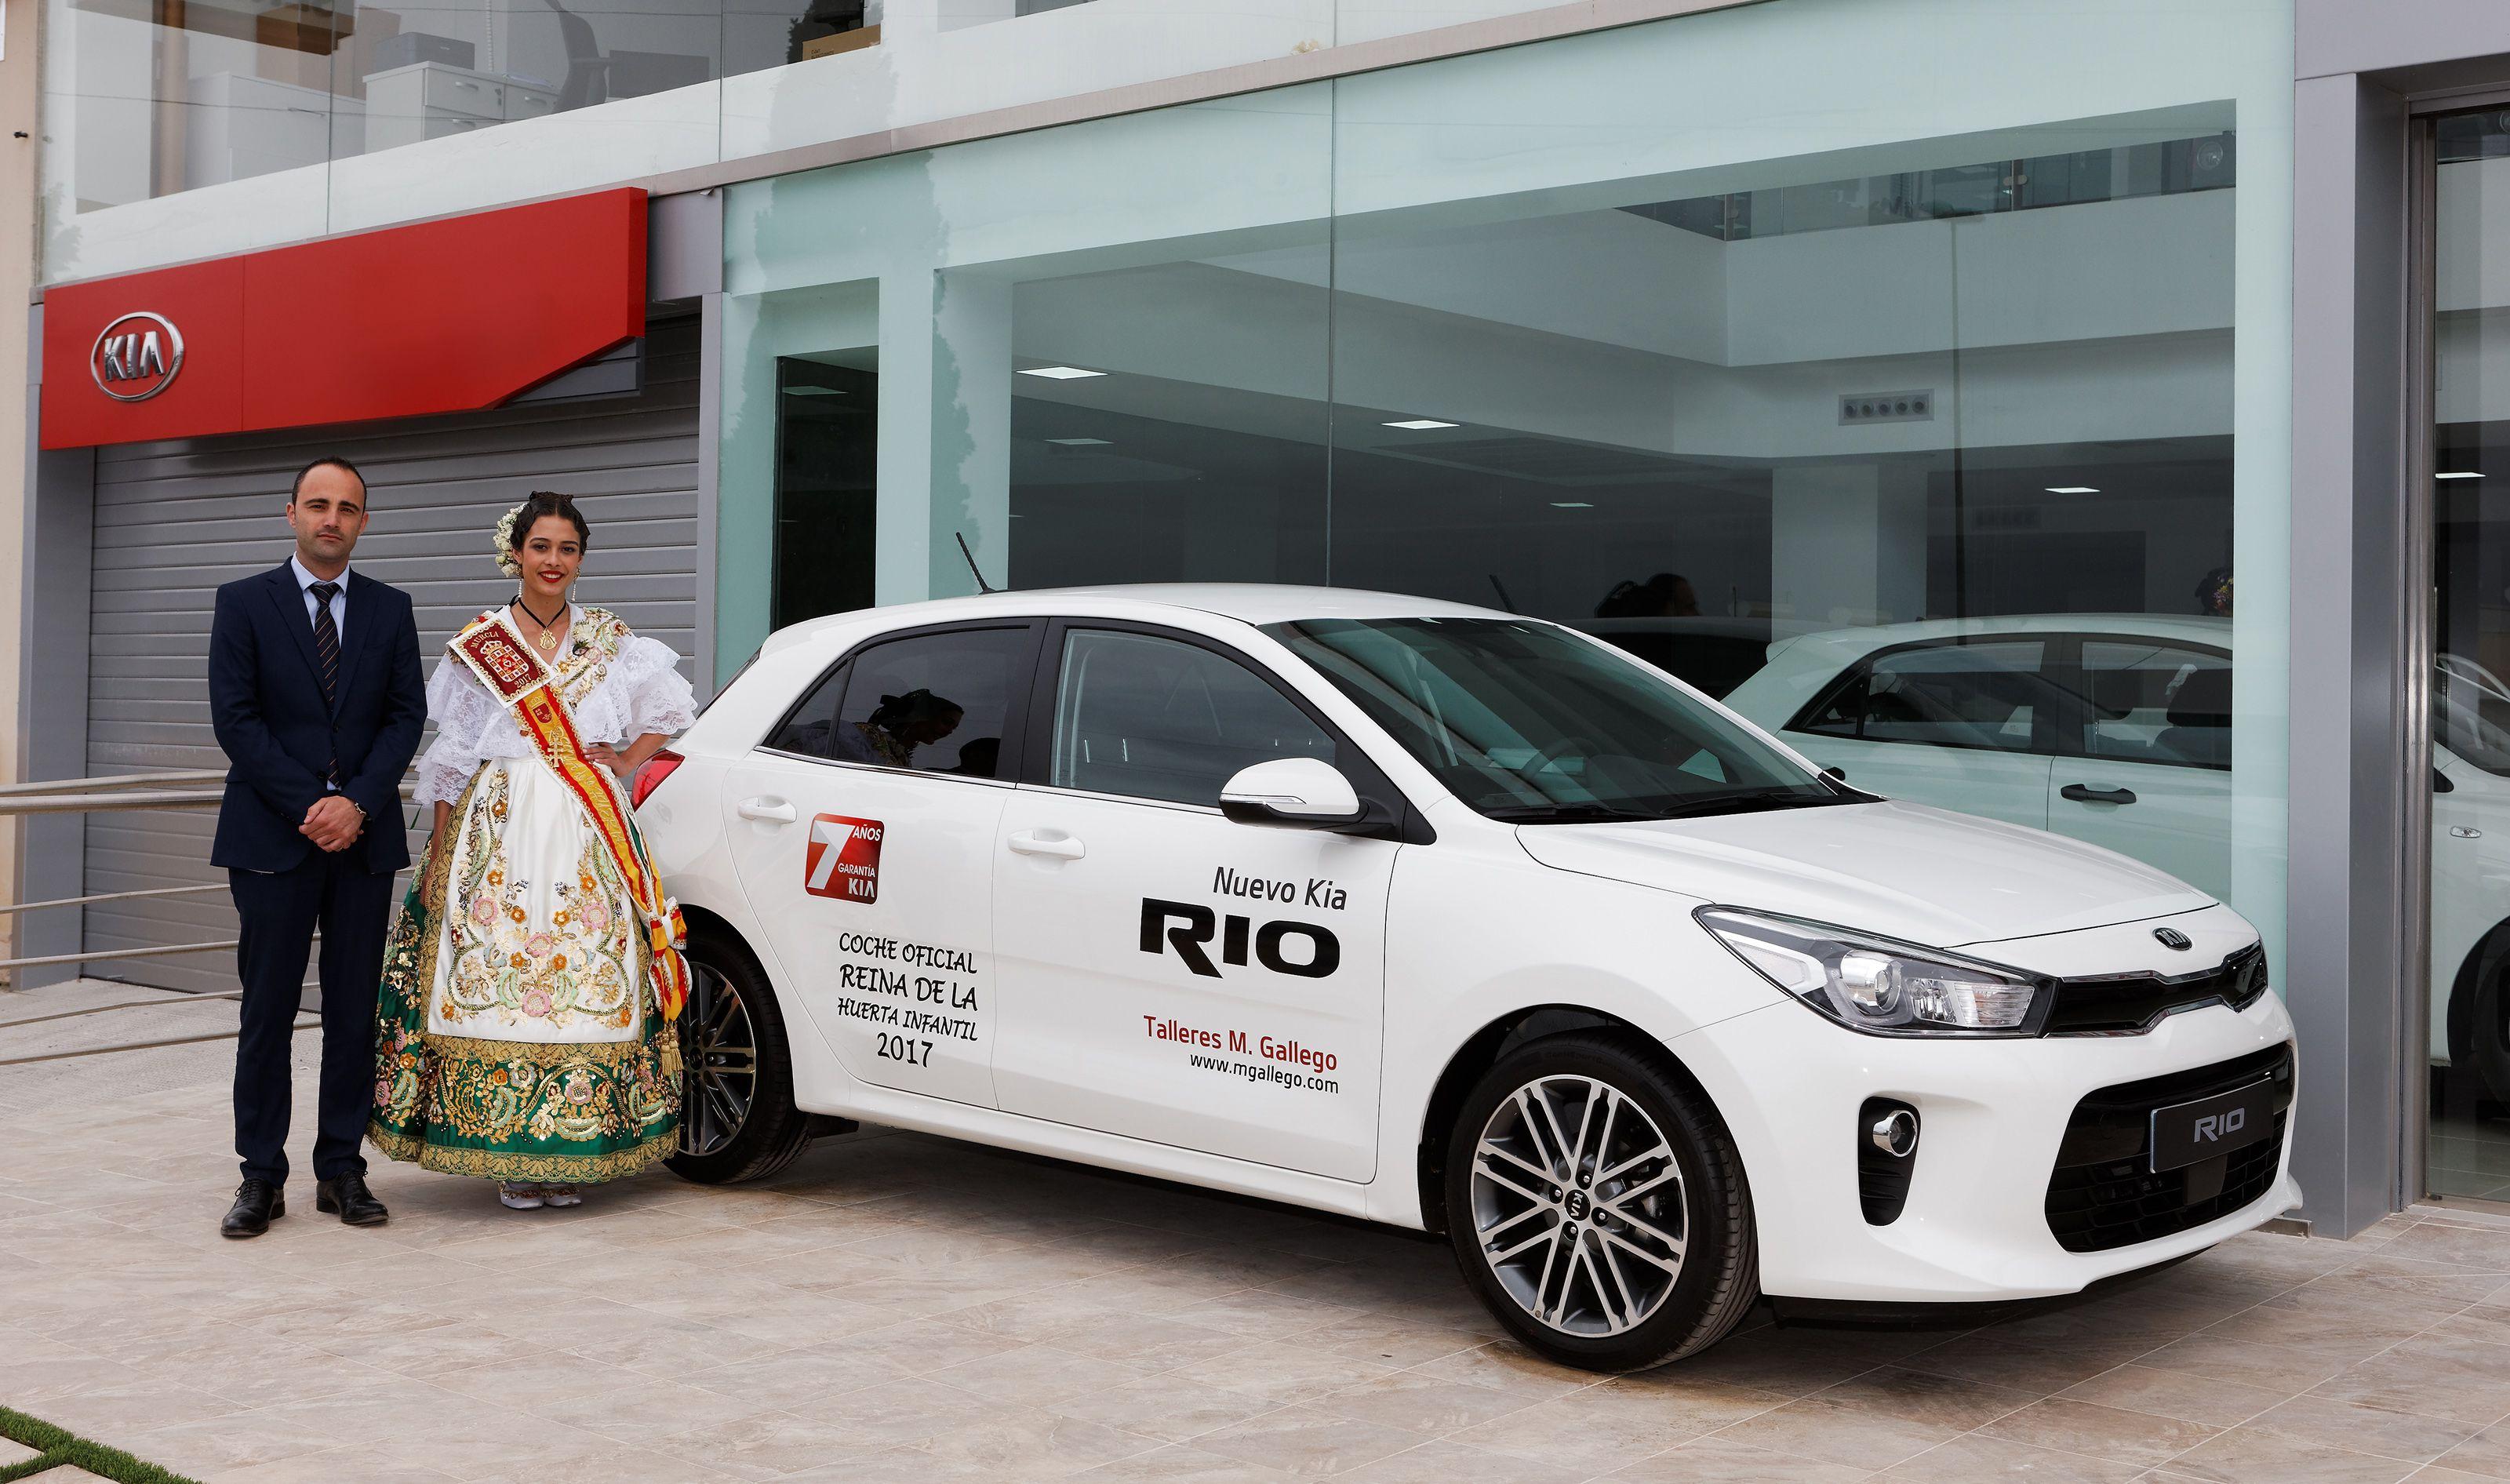 KIA coche oficial Reinas de la Huerta 2017